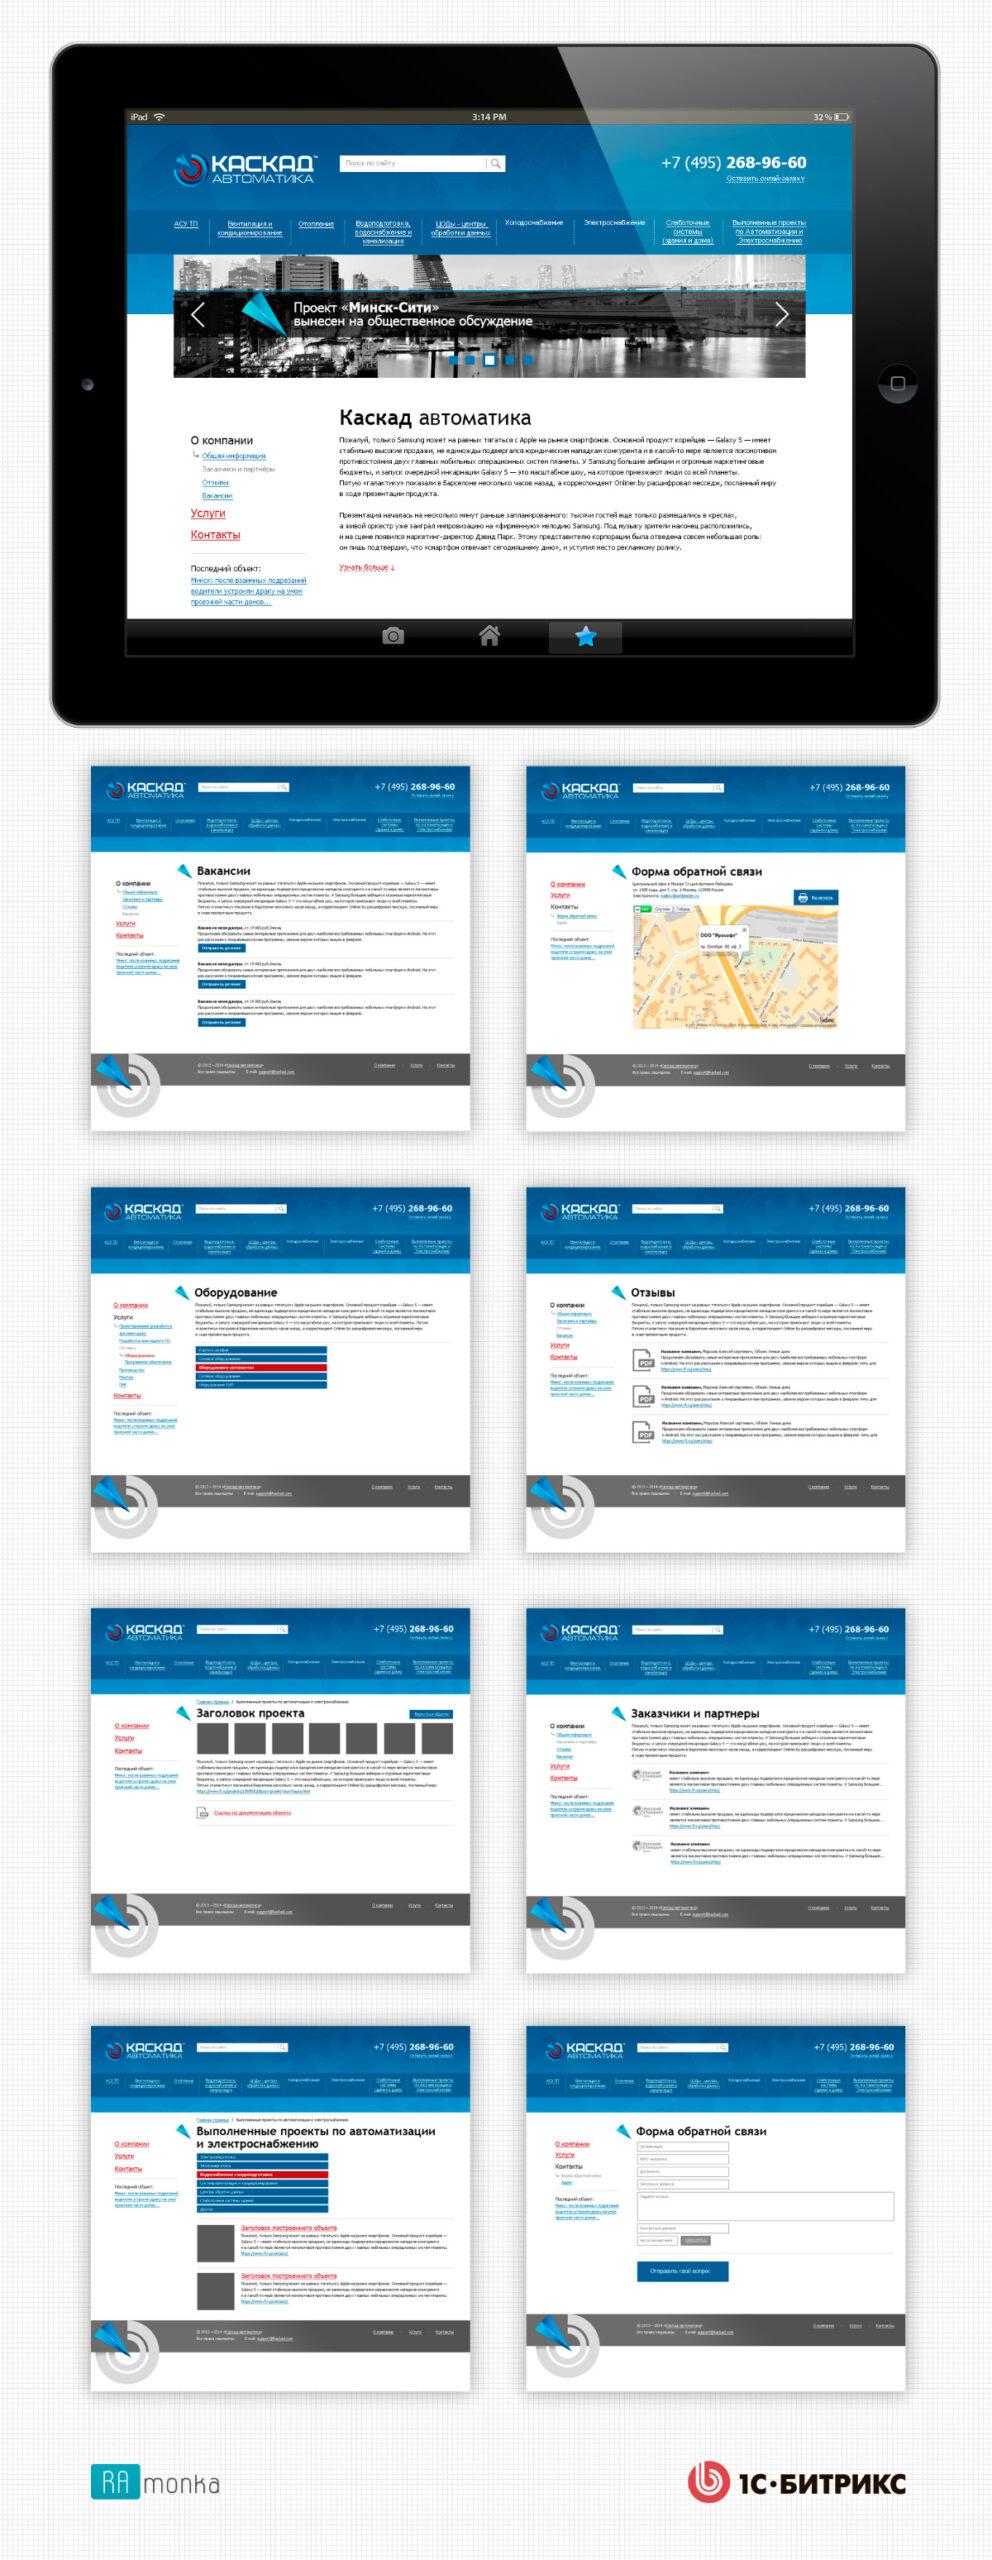 Веб Разработка на CMS 1C-Битрикс для компании автоматизированных систем управления Каскад Автоматика